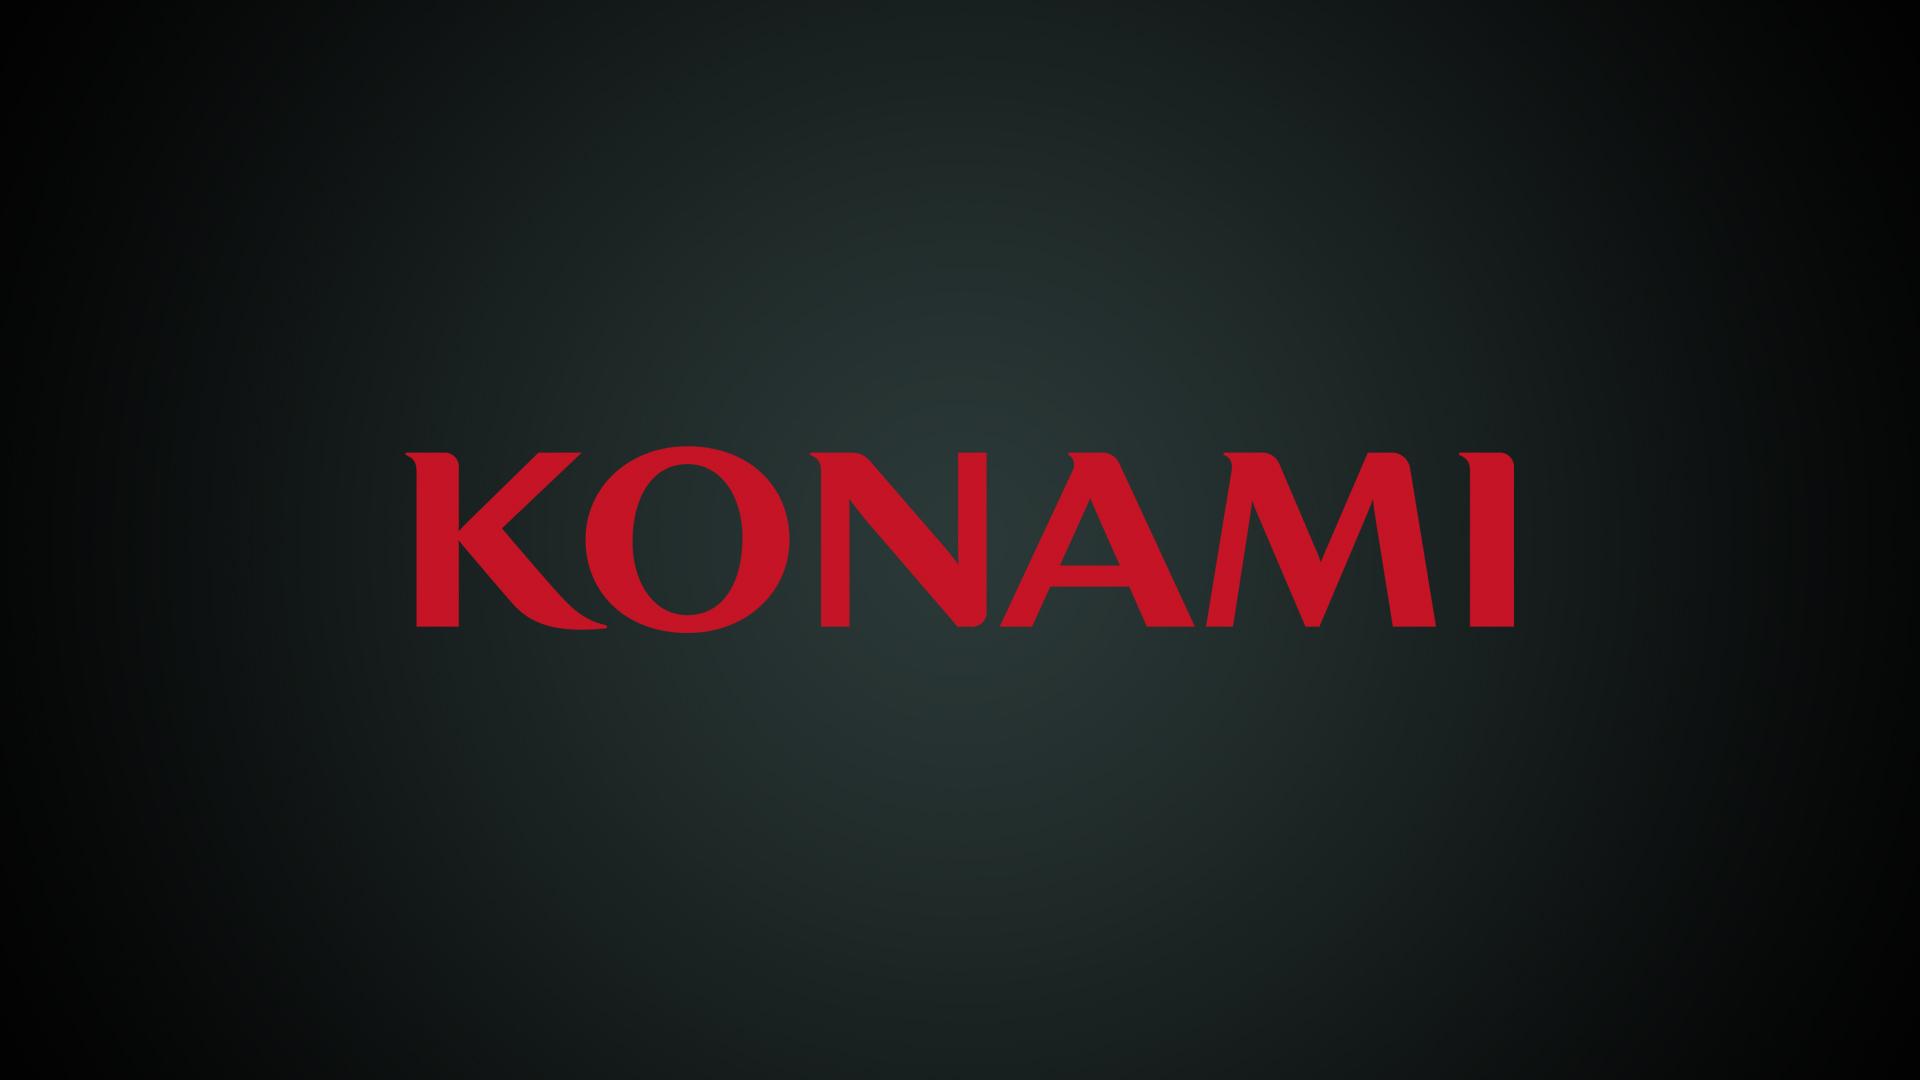 Konami lança seu novo e-commerce, o Official Konami Shop